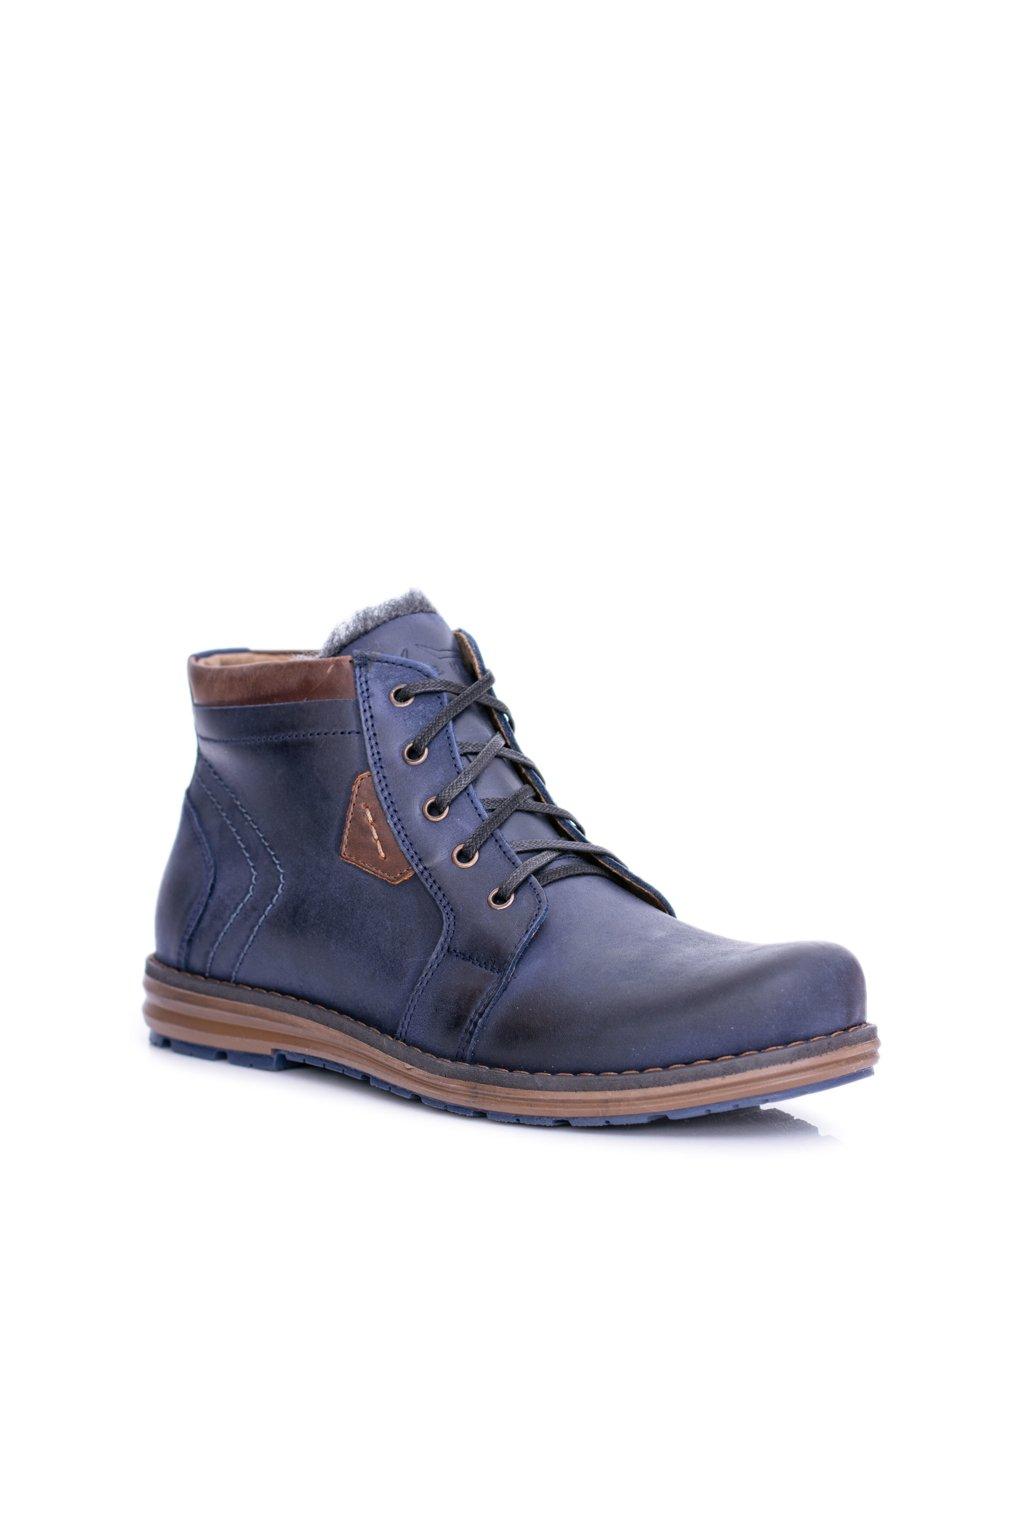 pánske kožené topánky tmavo modré Teplé topánky Verno